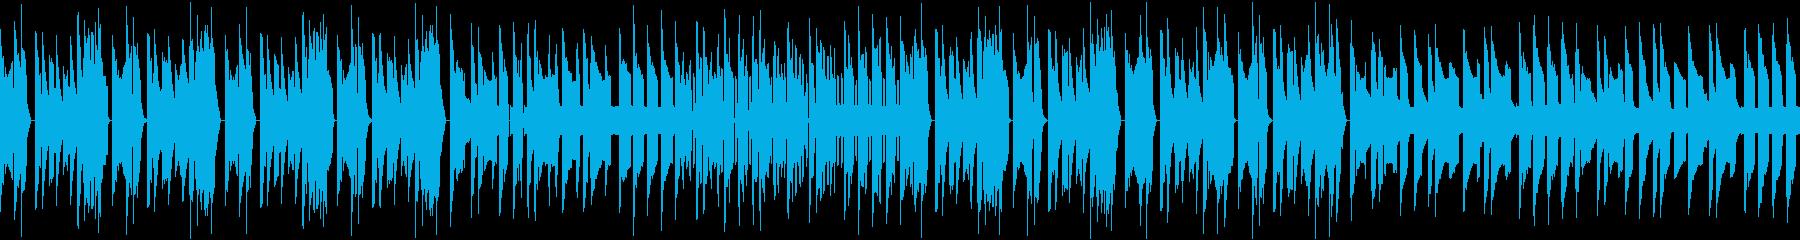 ★ファミコン風汎用BGMの再生済みの波形